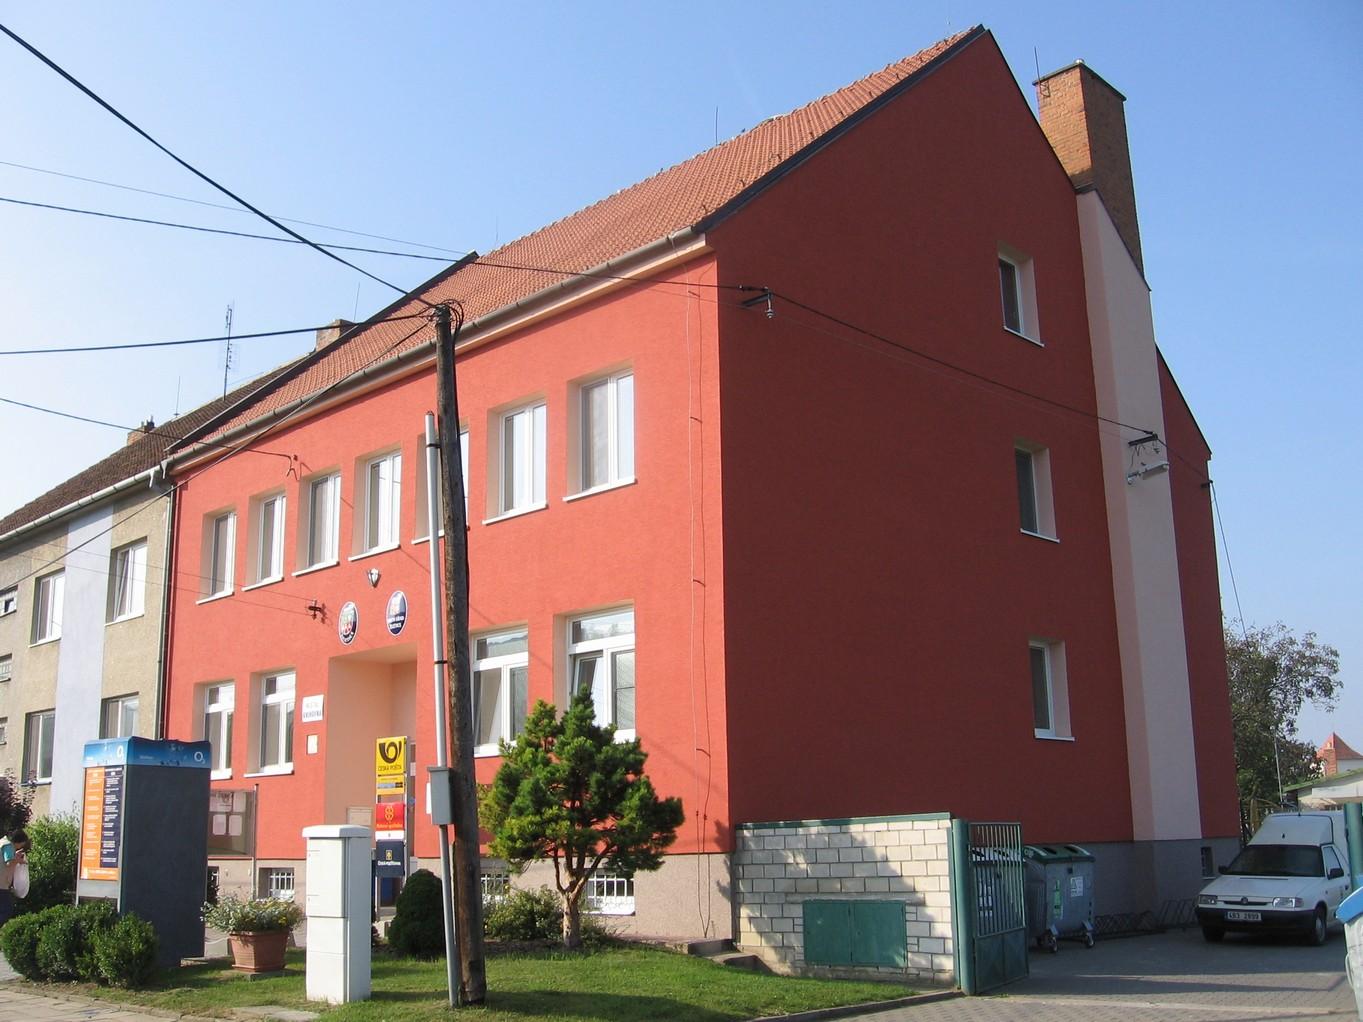 OBRÁZEK : budova_obecniho_uradu_rekonstrukce_2009_3.jpg